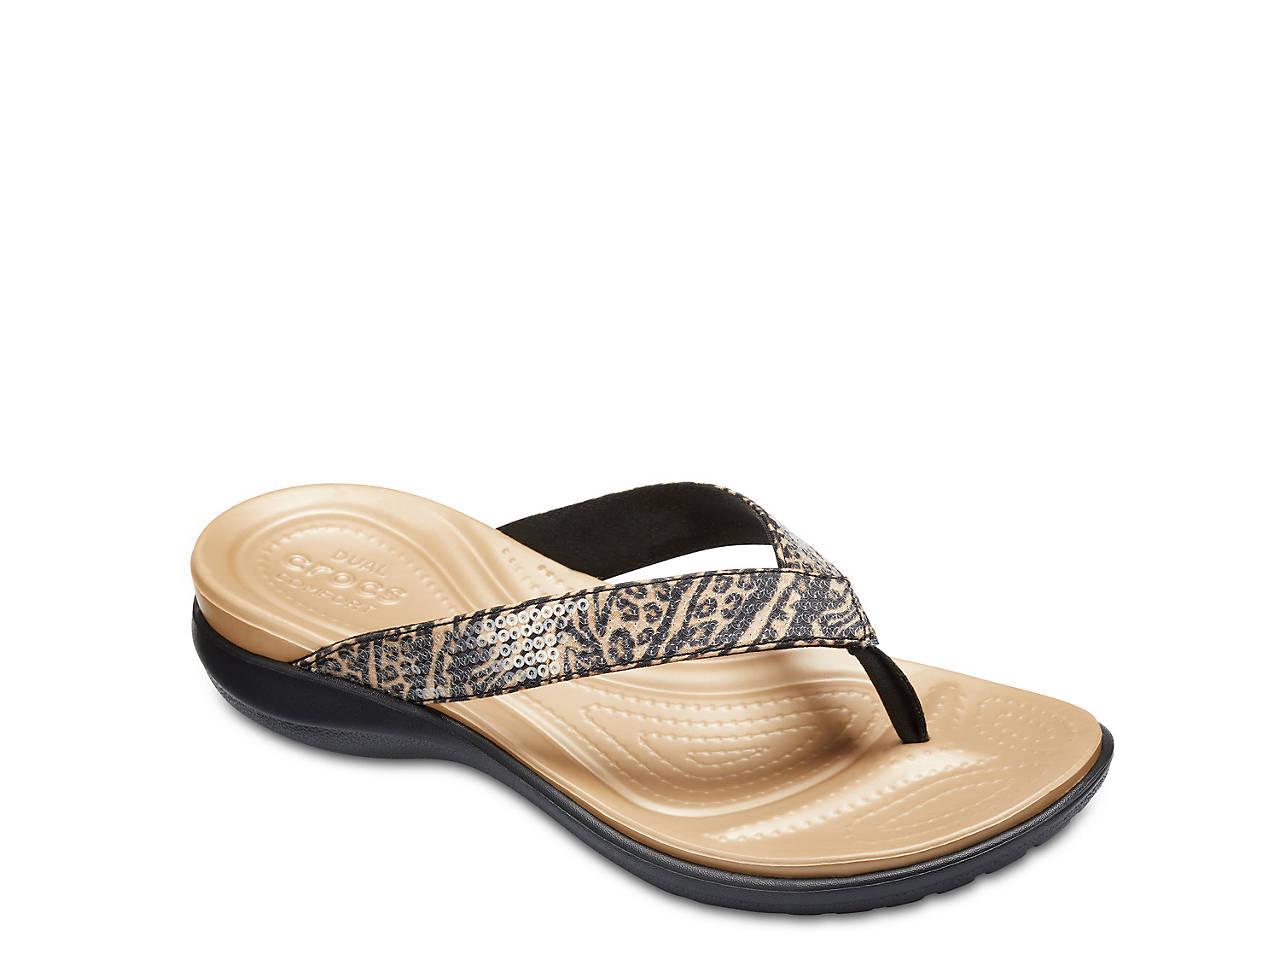 86dc85a845a Crocs Capri Sequin Sandal Women s Shoes